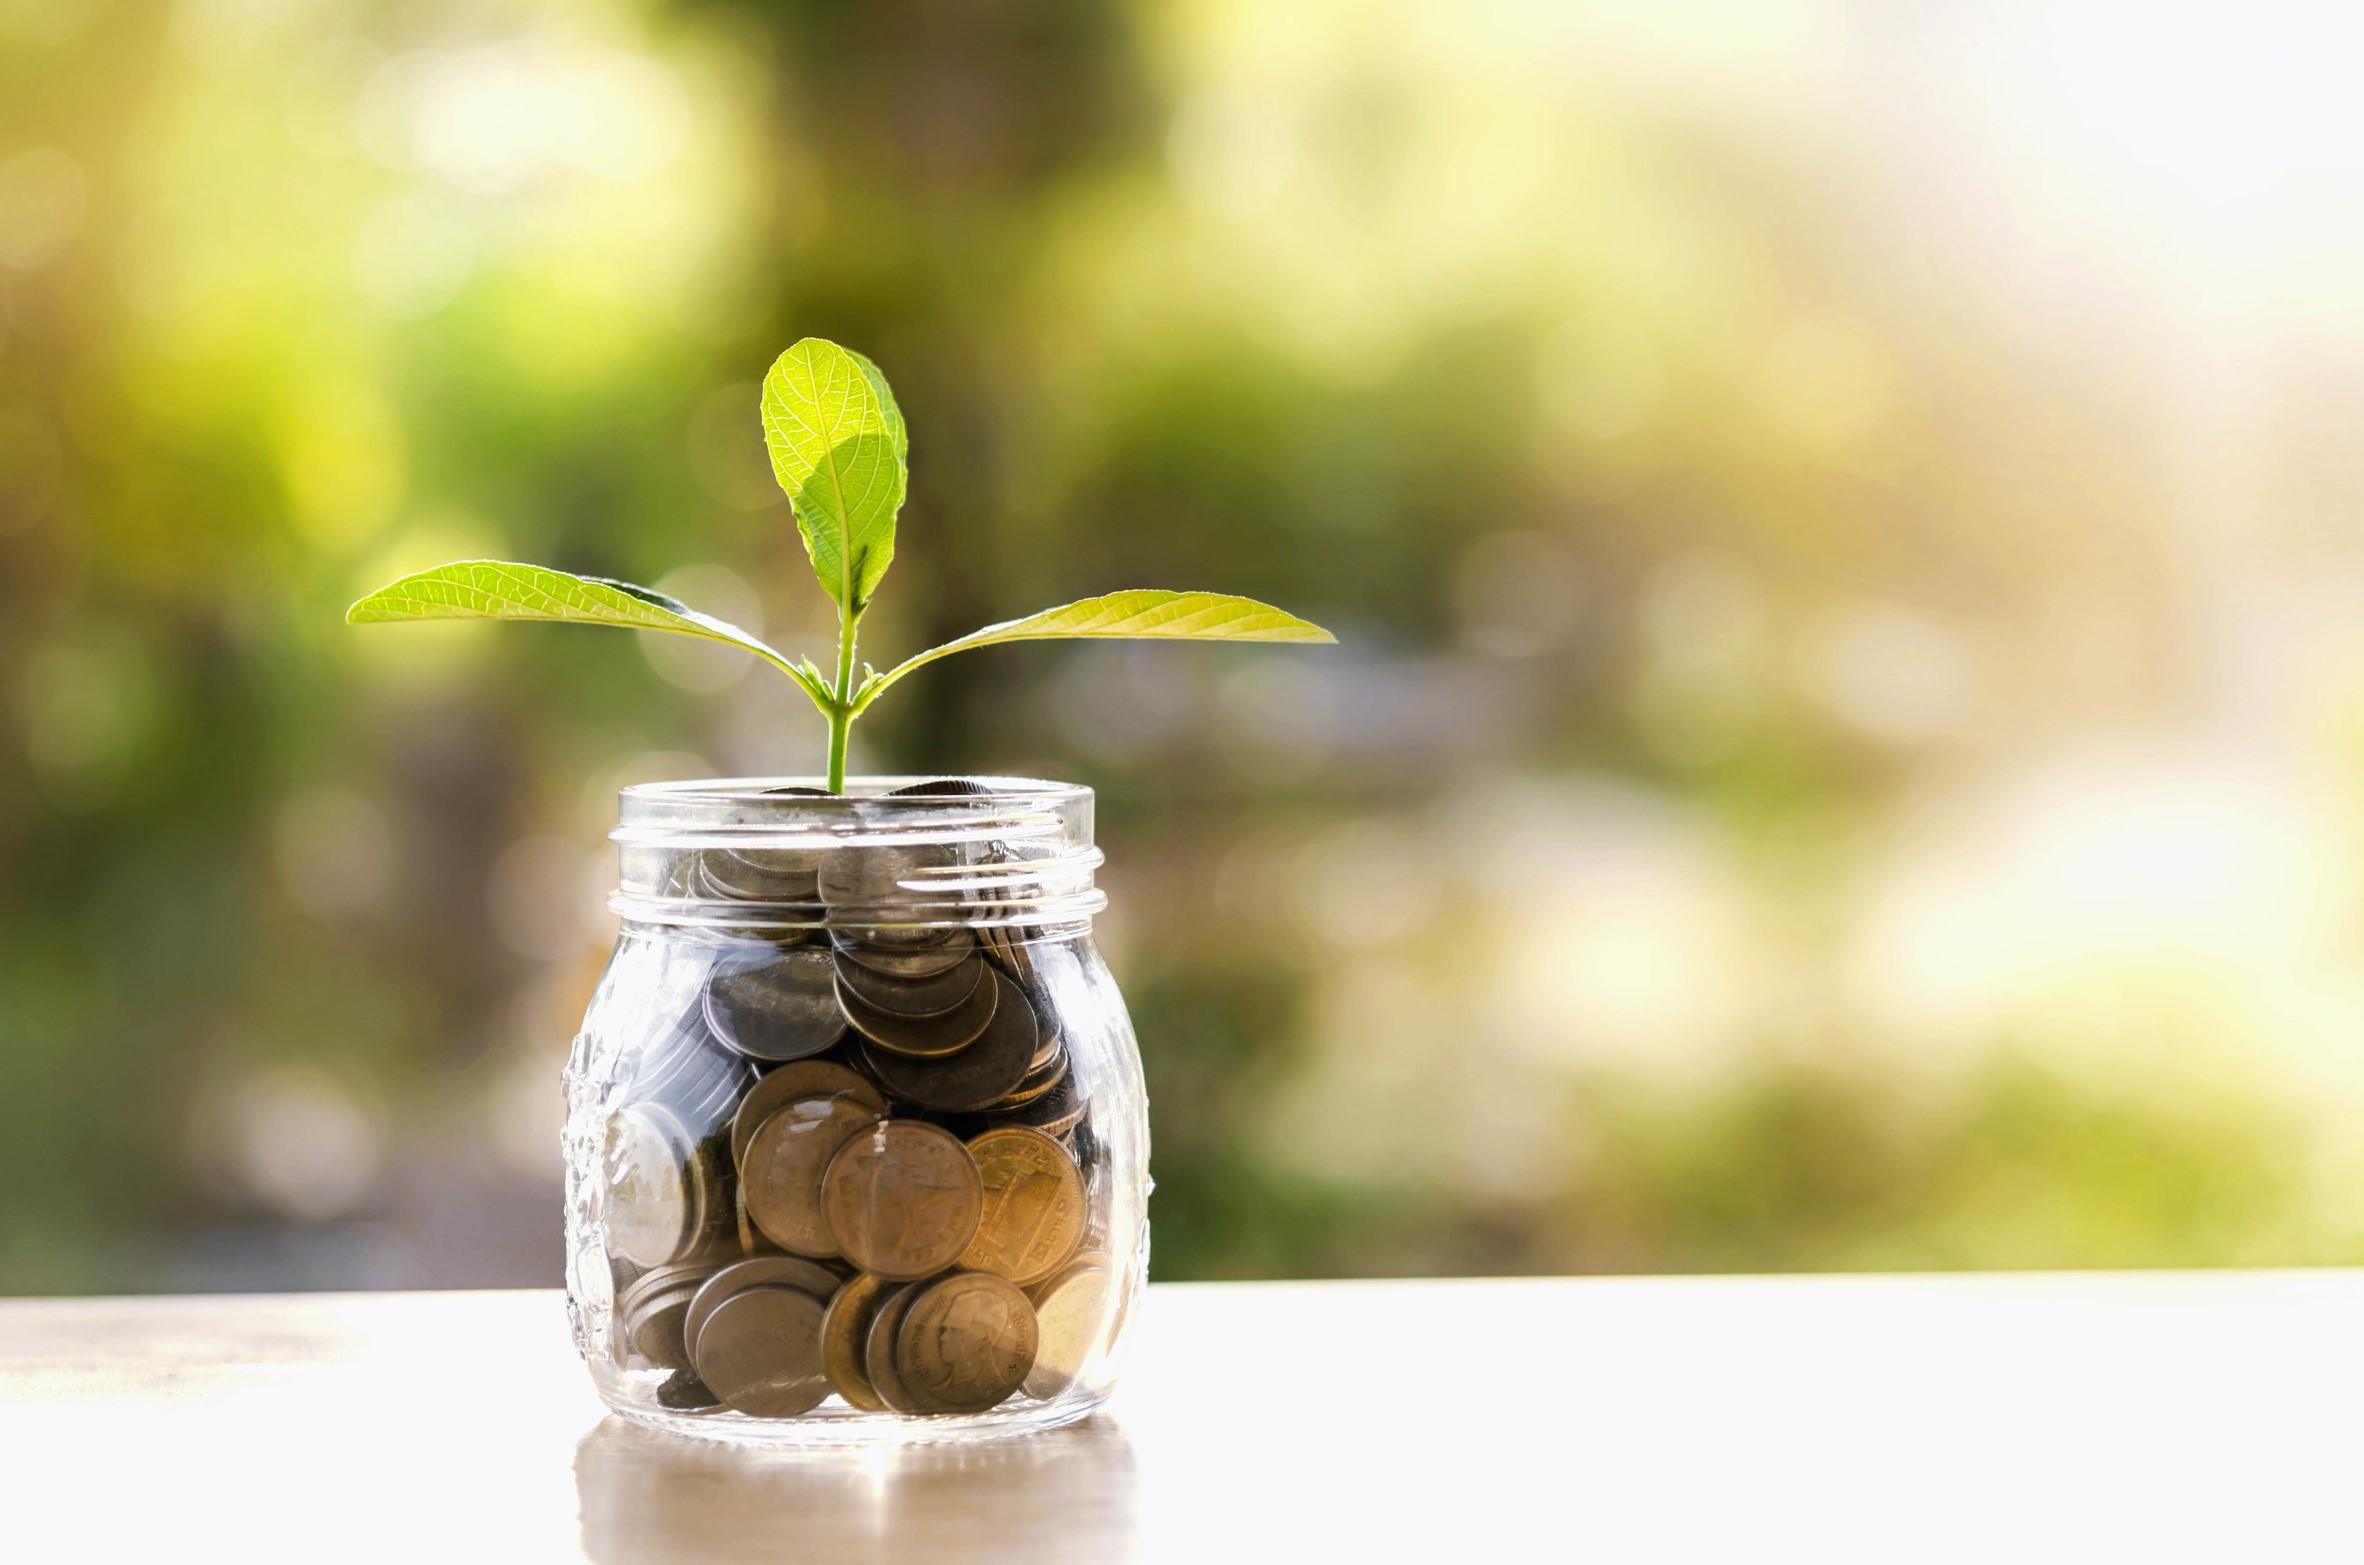 La transformation numérique (ou digitale) de la profession comptable implique le développement de nouvelles missions rentables.